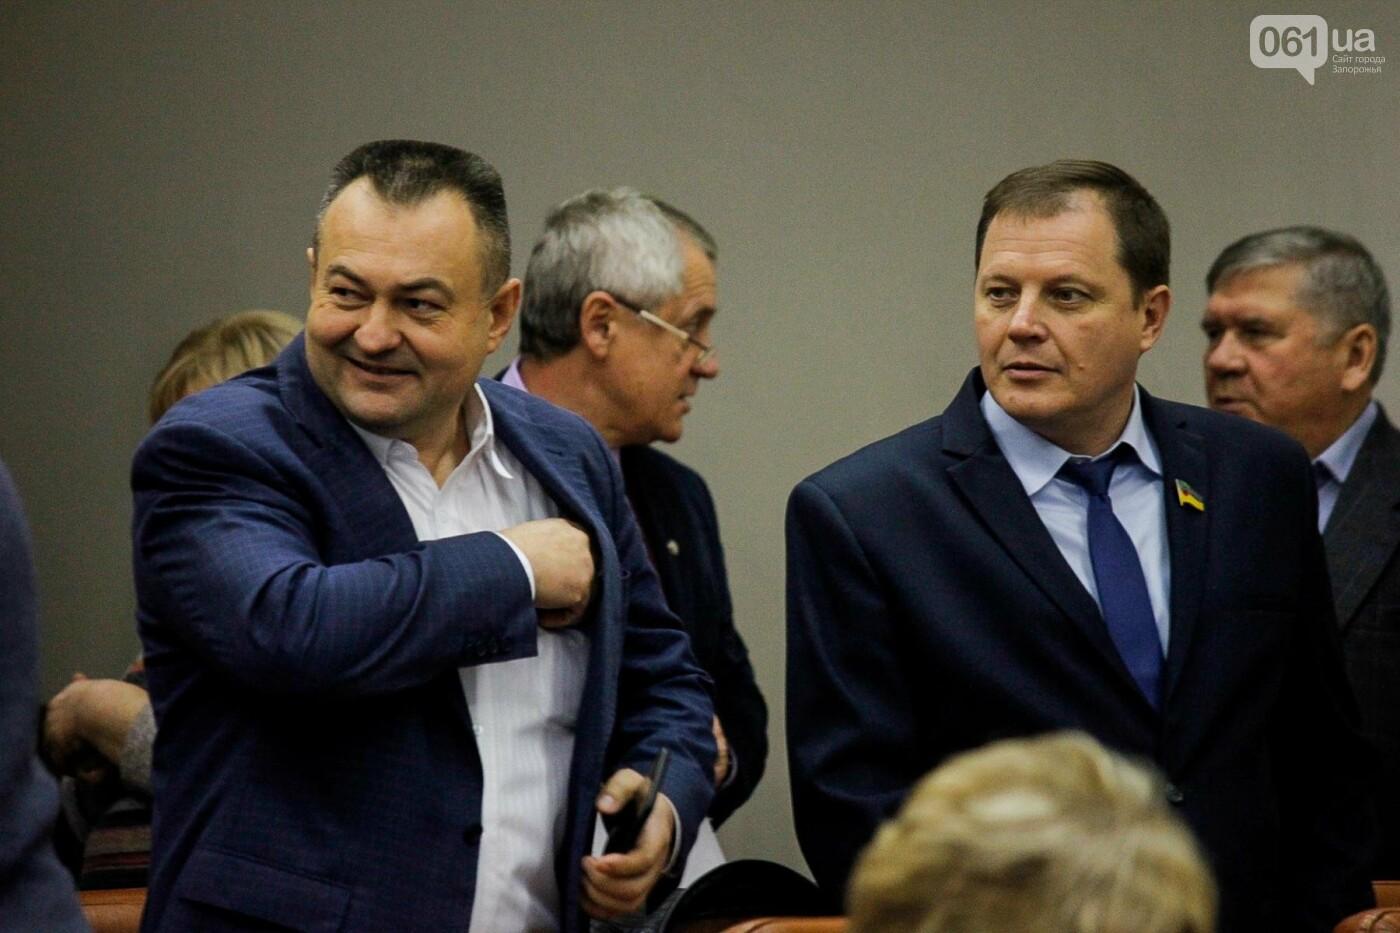 Сессия запорожского горсовета в 55 фотографиях, - ФОТОРЕПОРТАЖ, фото-41